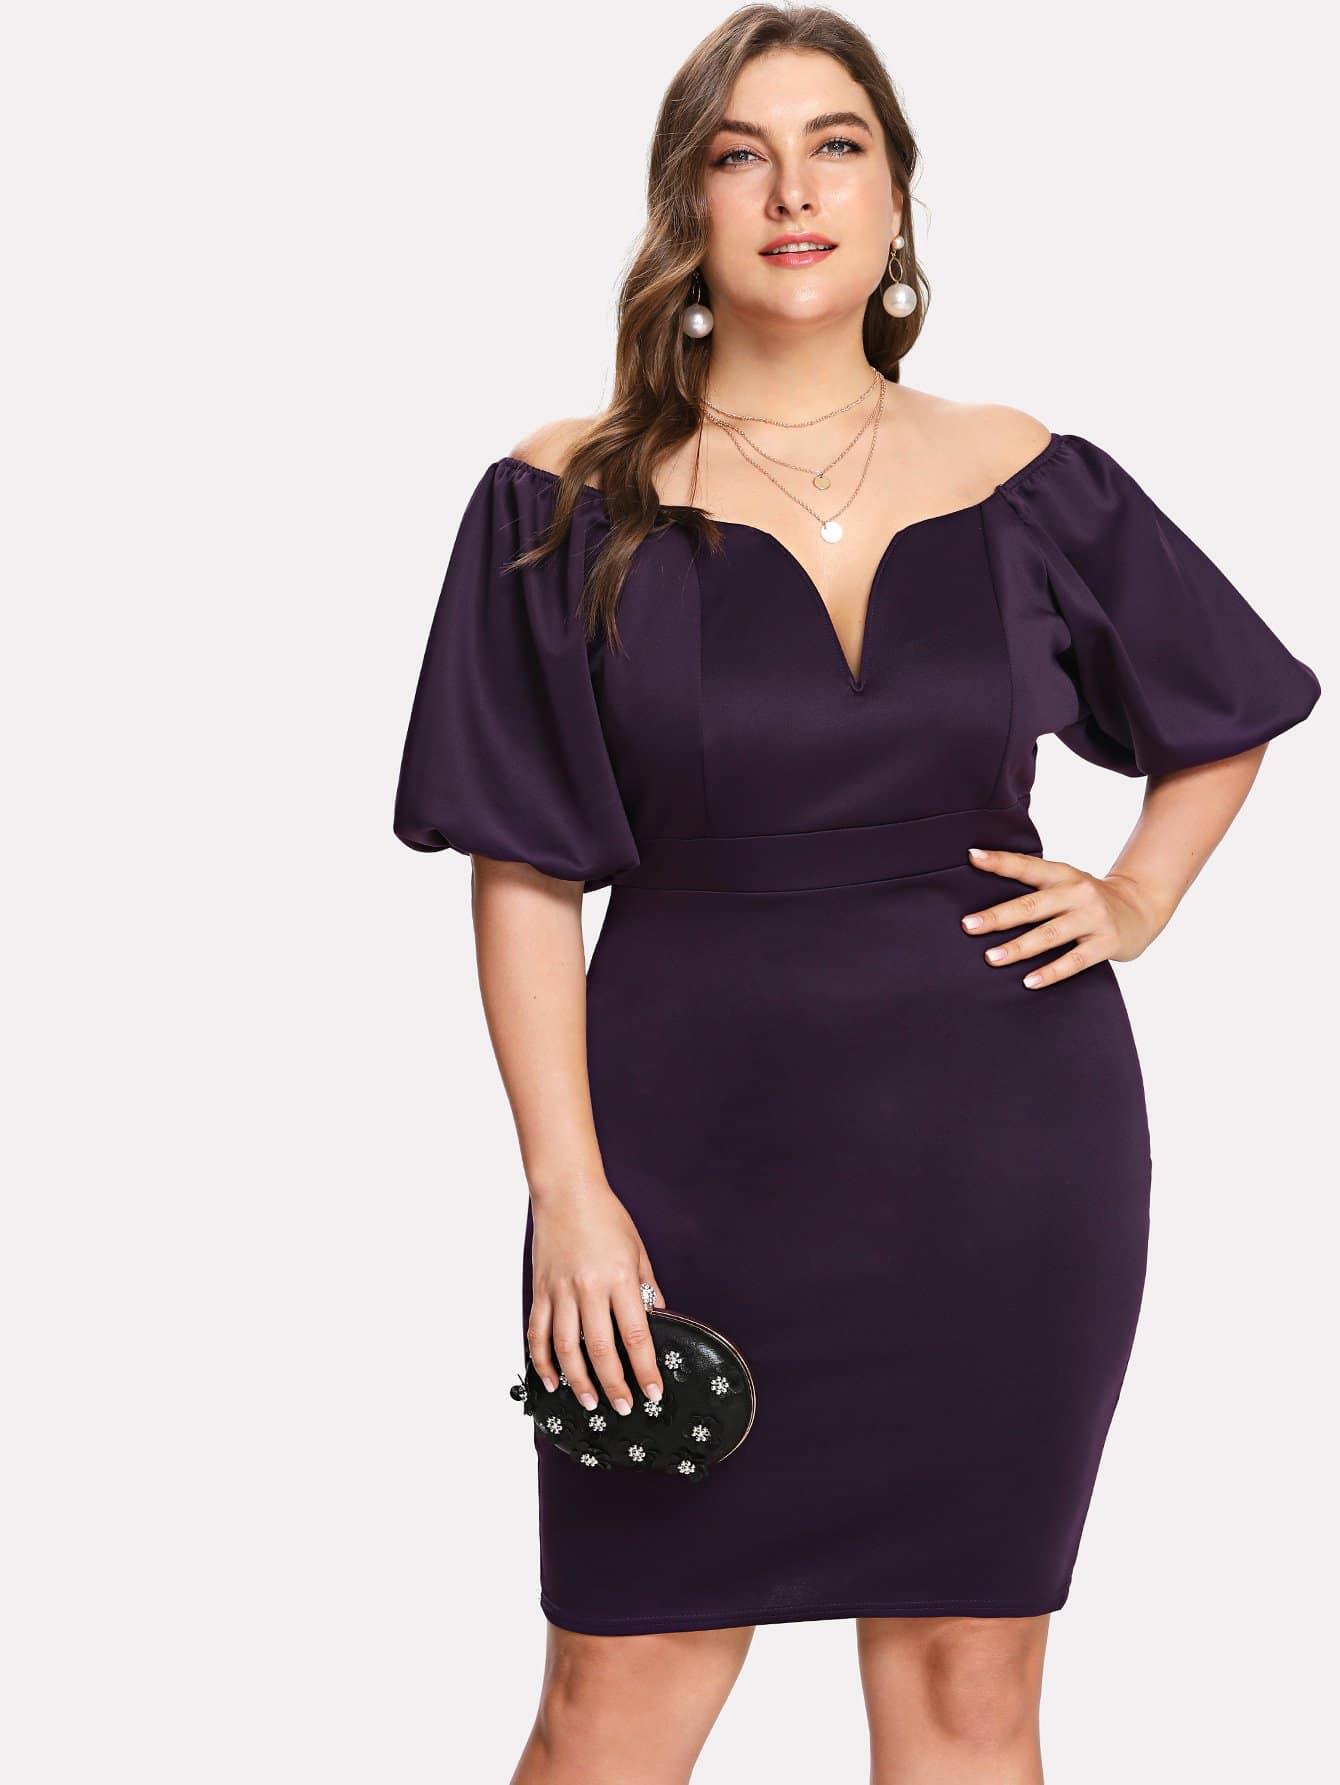 Купить Платье с широкими рукавами, Franziska, SheIn